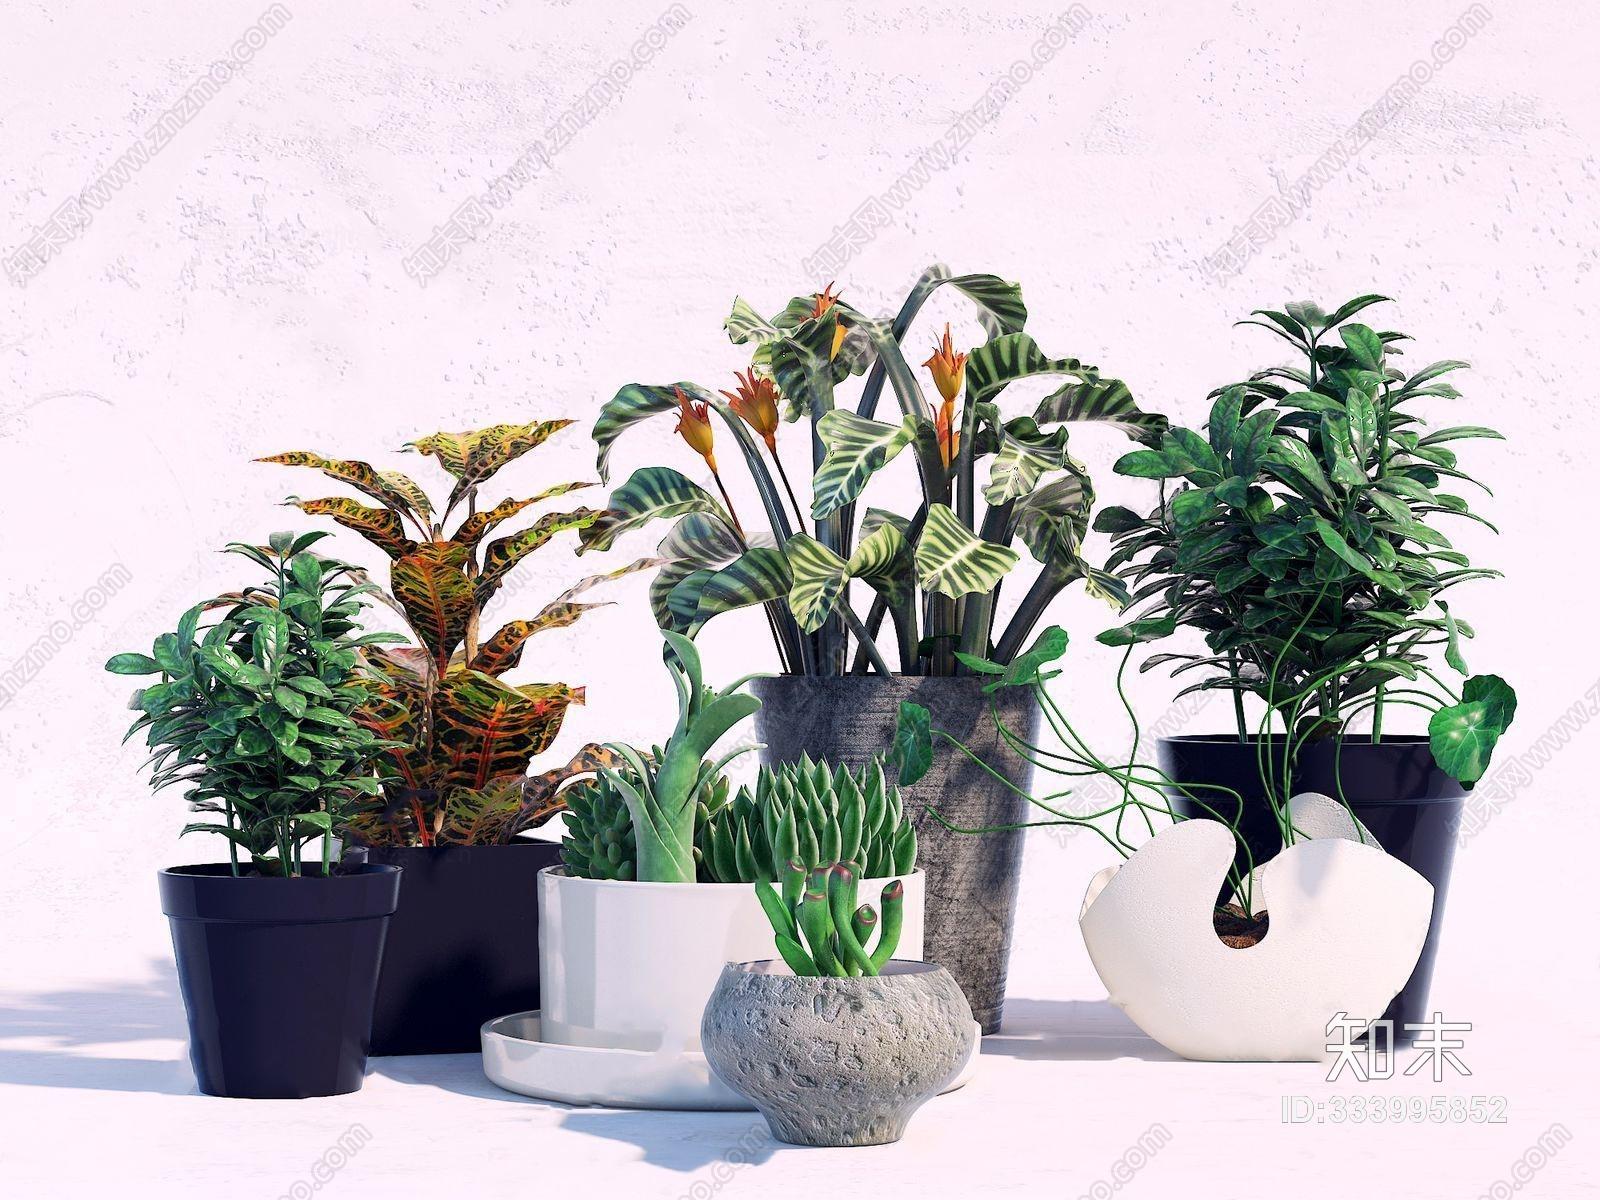 现代盆景花卉多肉植物  现代盆栽盆景 植物 花卉 花艺 多肉植物